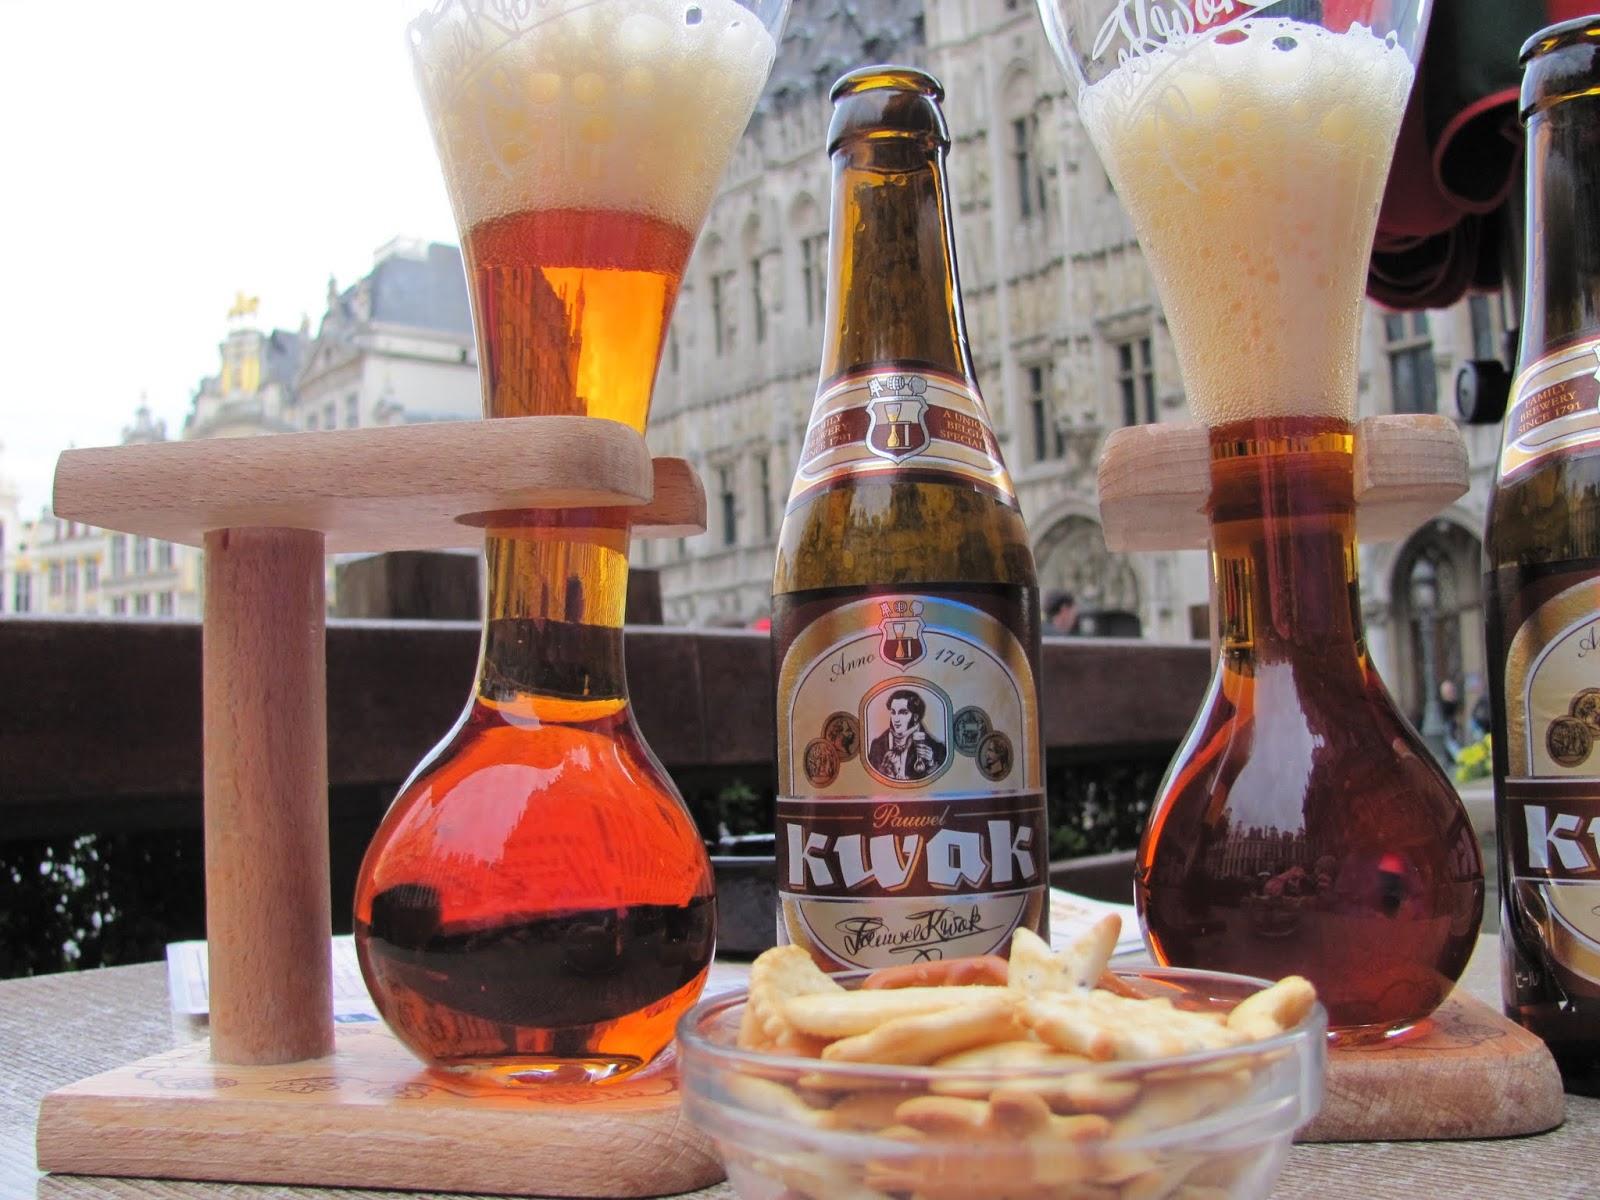 Kwak Beers and Glasses in Brussels, Belgium